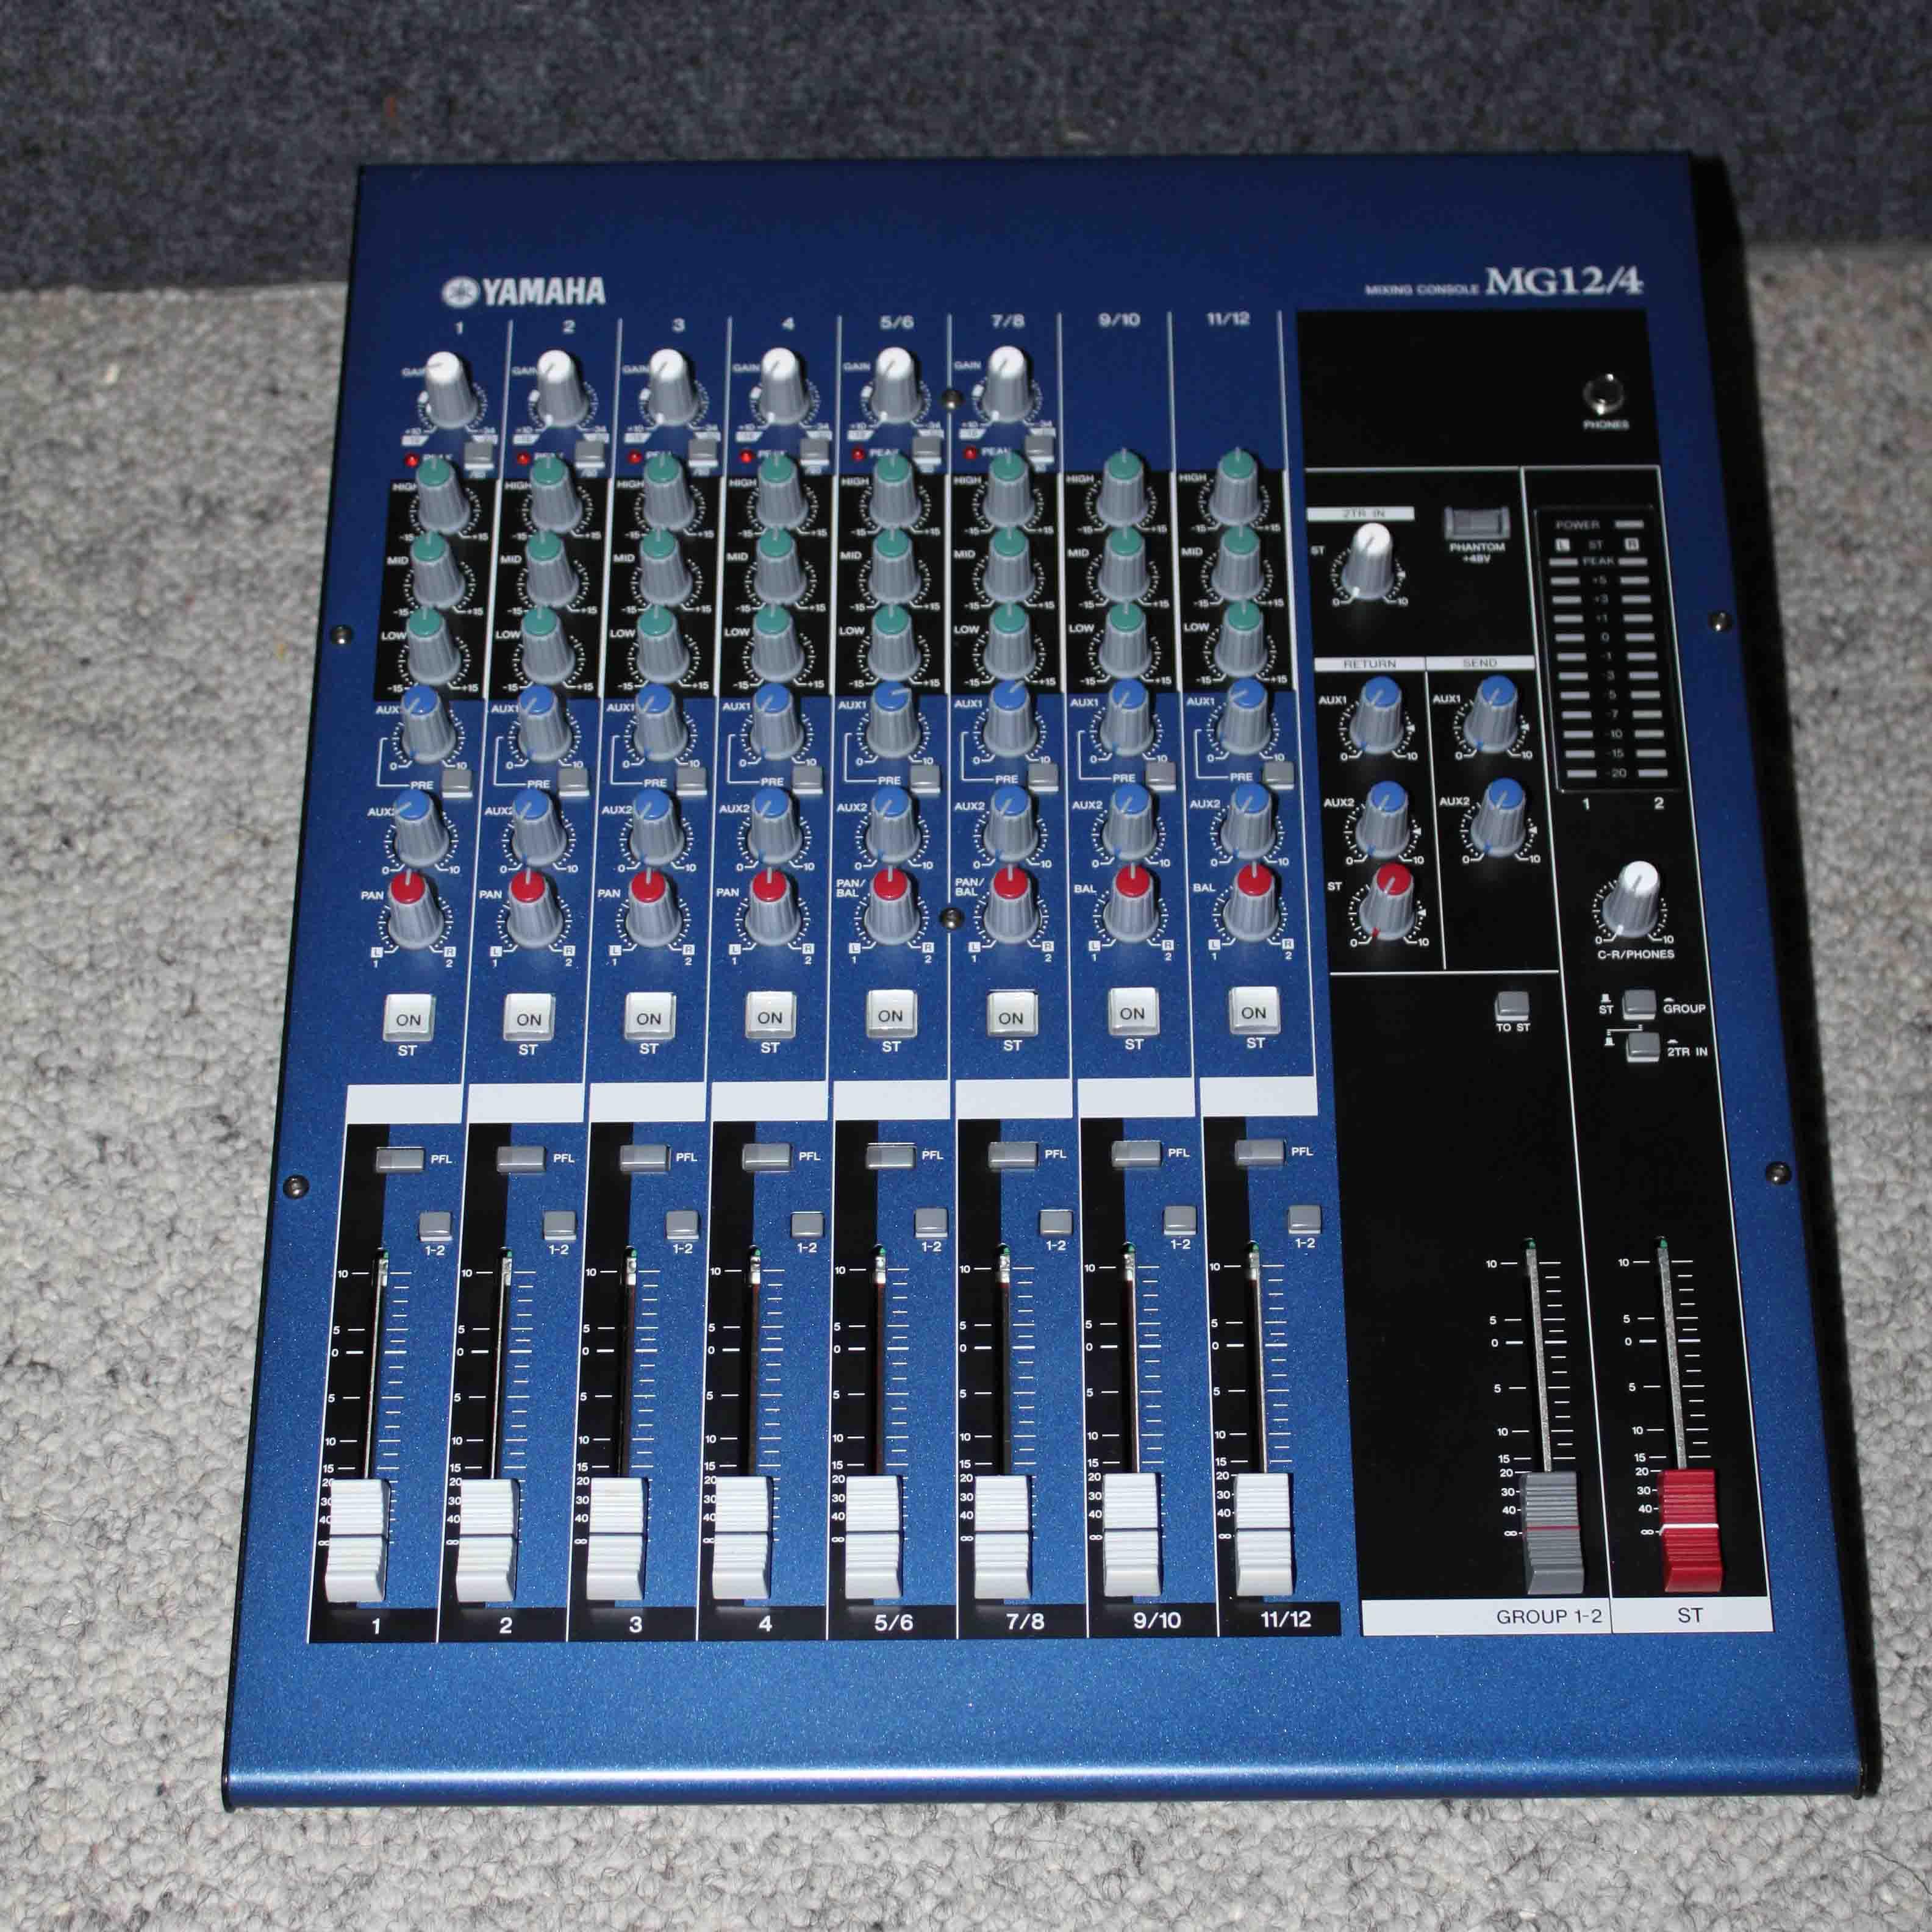 Yamaha Mg12  4 Image   418042